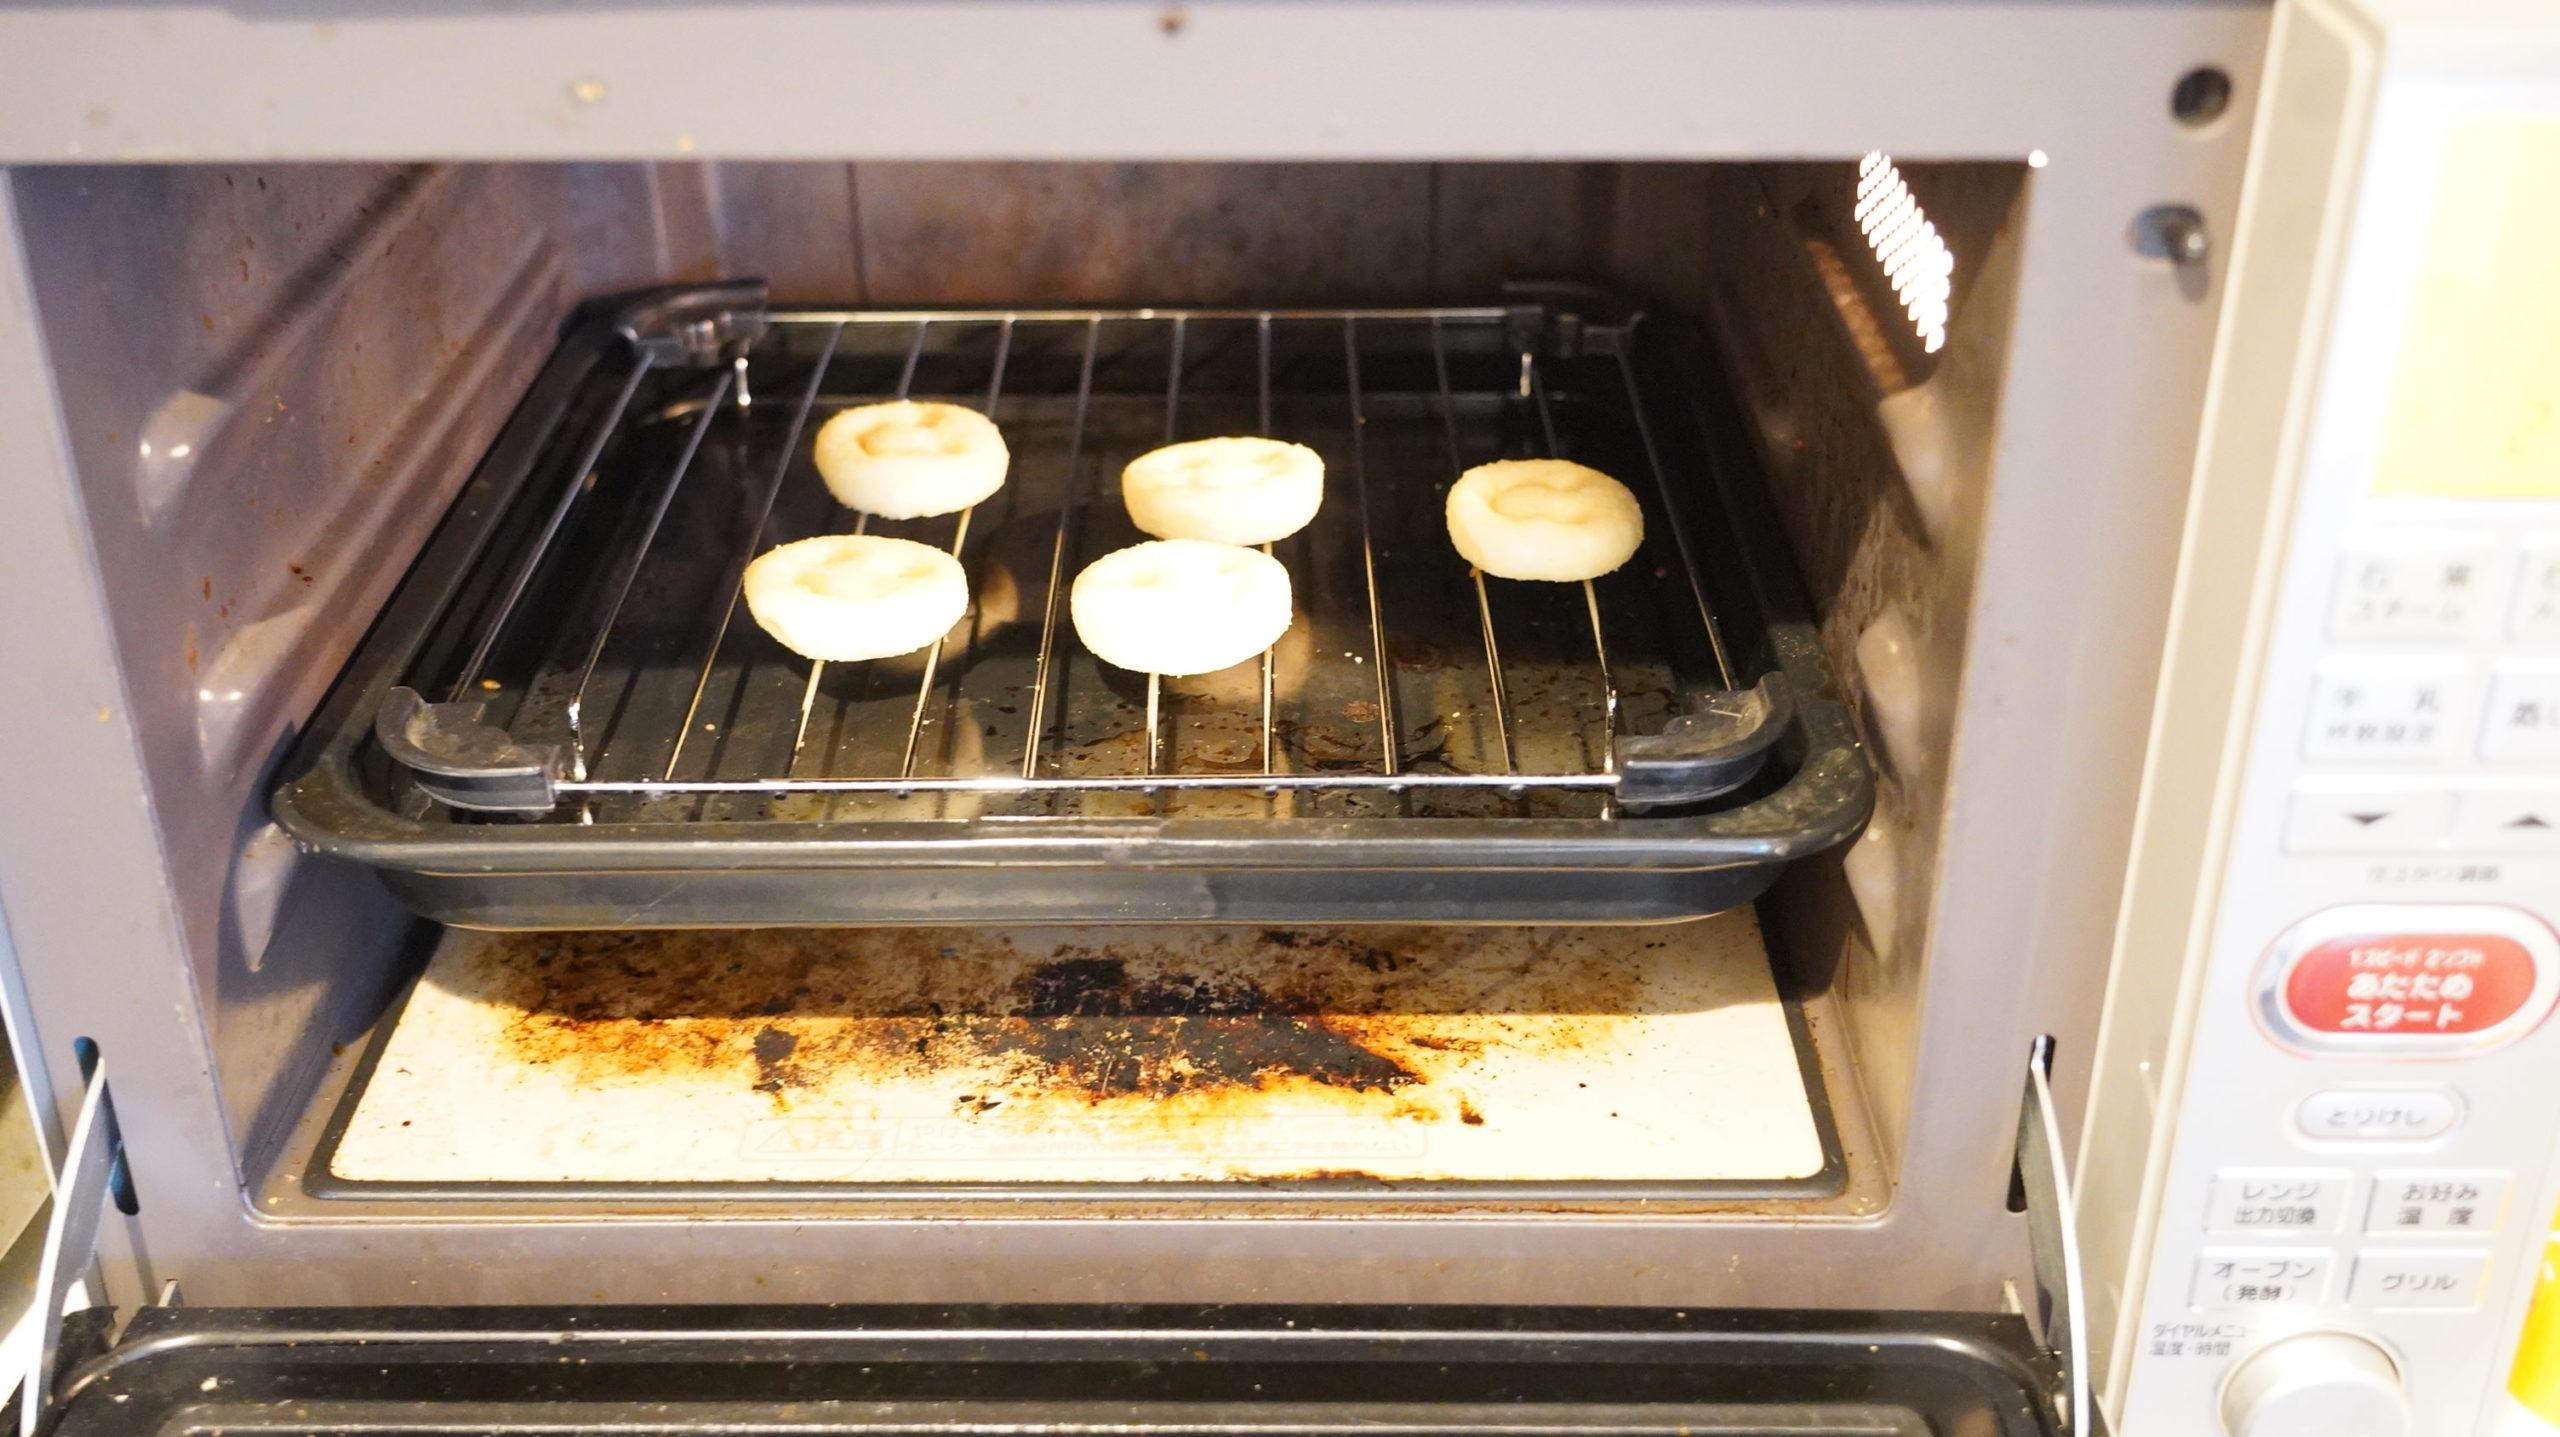 コストコの冷凍食品「マッケイン・スマイルポテト」をオーブンで調理している写真